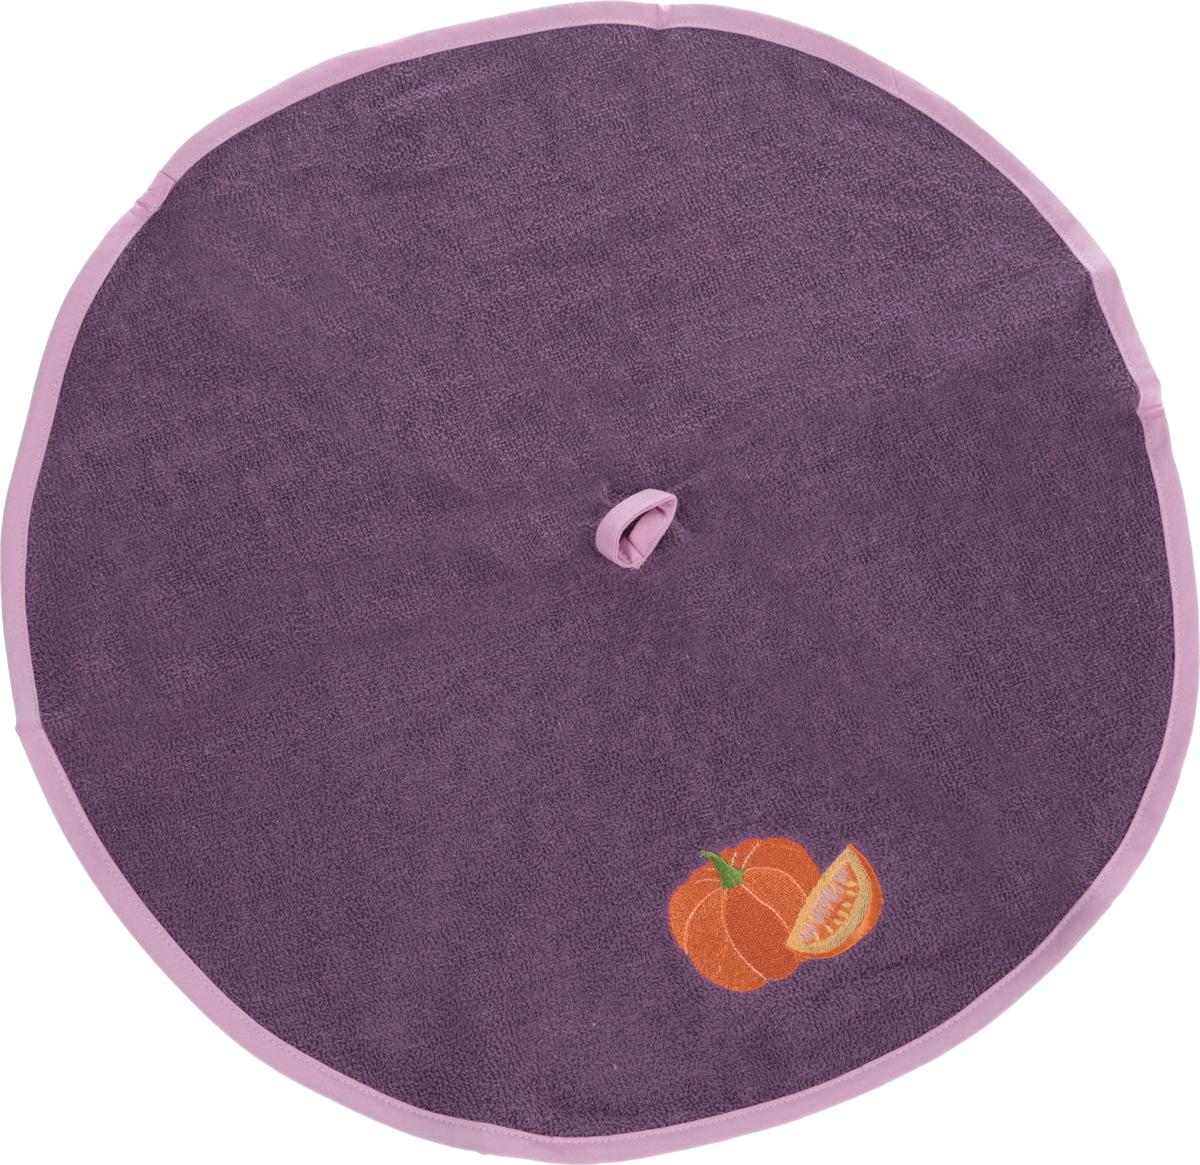 Полотенце кухонное Karna Zelina. Тыква, цвет: грязно-сиреневый, диаметр 50 см504/CHAR005_грязно-сиреневыйКруглое кухонное полотенце Karna Zelina. Тыква изготовлено из 100% хлопка, поэтому являетсяэкологически чистым. Качество материала гарантирует безопасность не только взрослым, но и самым маленьким членам семьи. Изделие мягкое и пушистое, оснащено удобной петелькой и украшено оригинальной вышивкой. Кухонное полотенце Karna сделает интерьер вашей кухни стильным и гармоничным.Диаметр полотенца: 50 см.